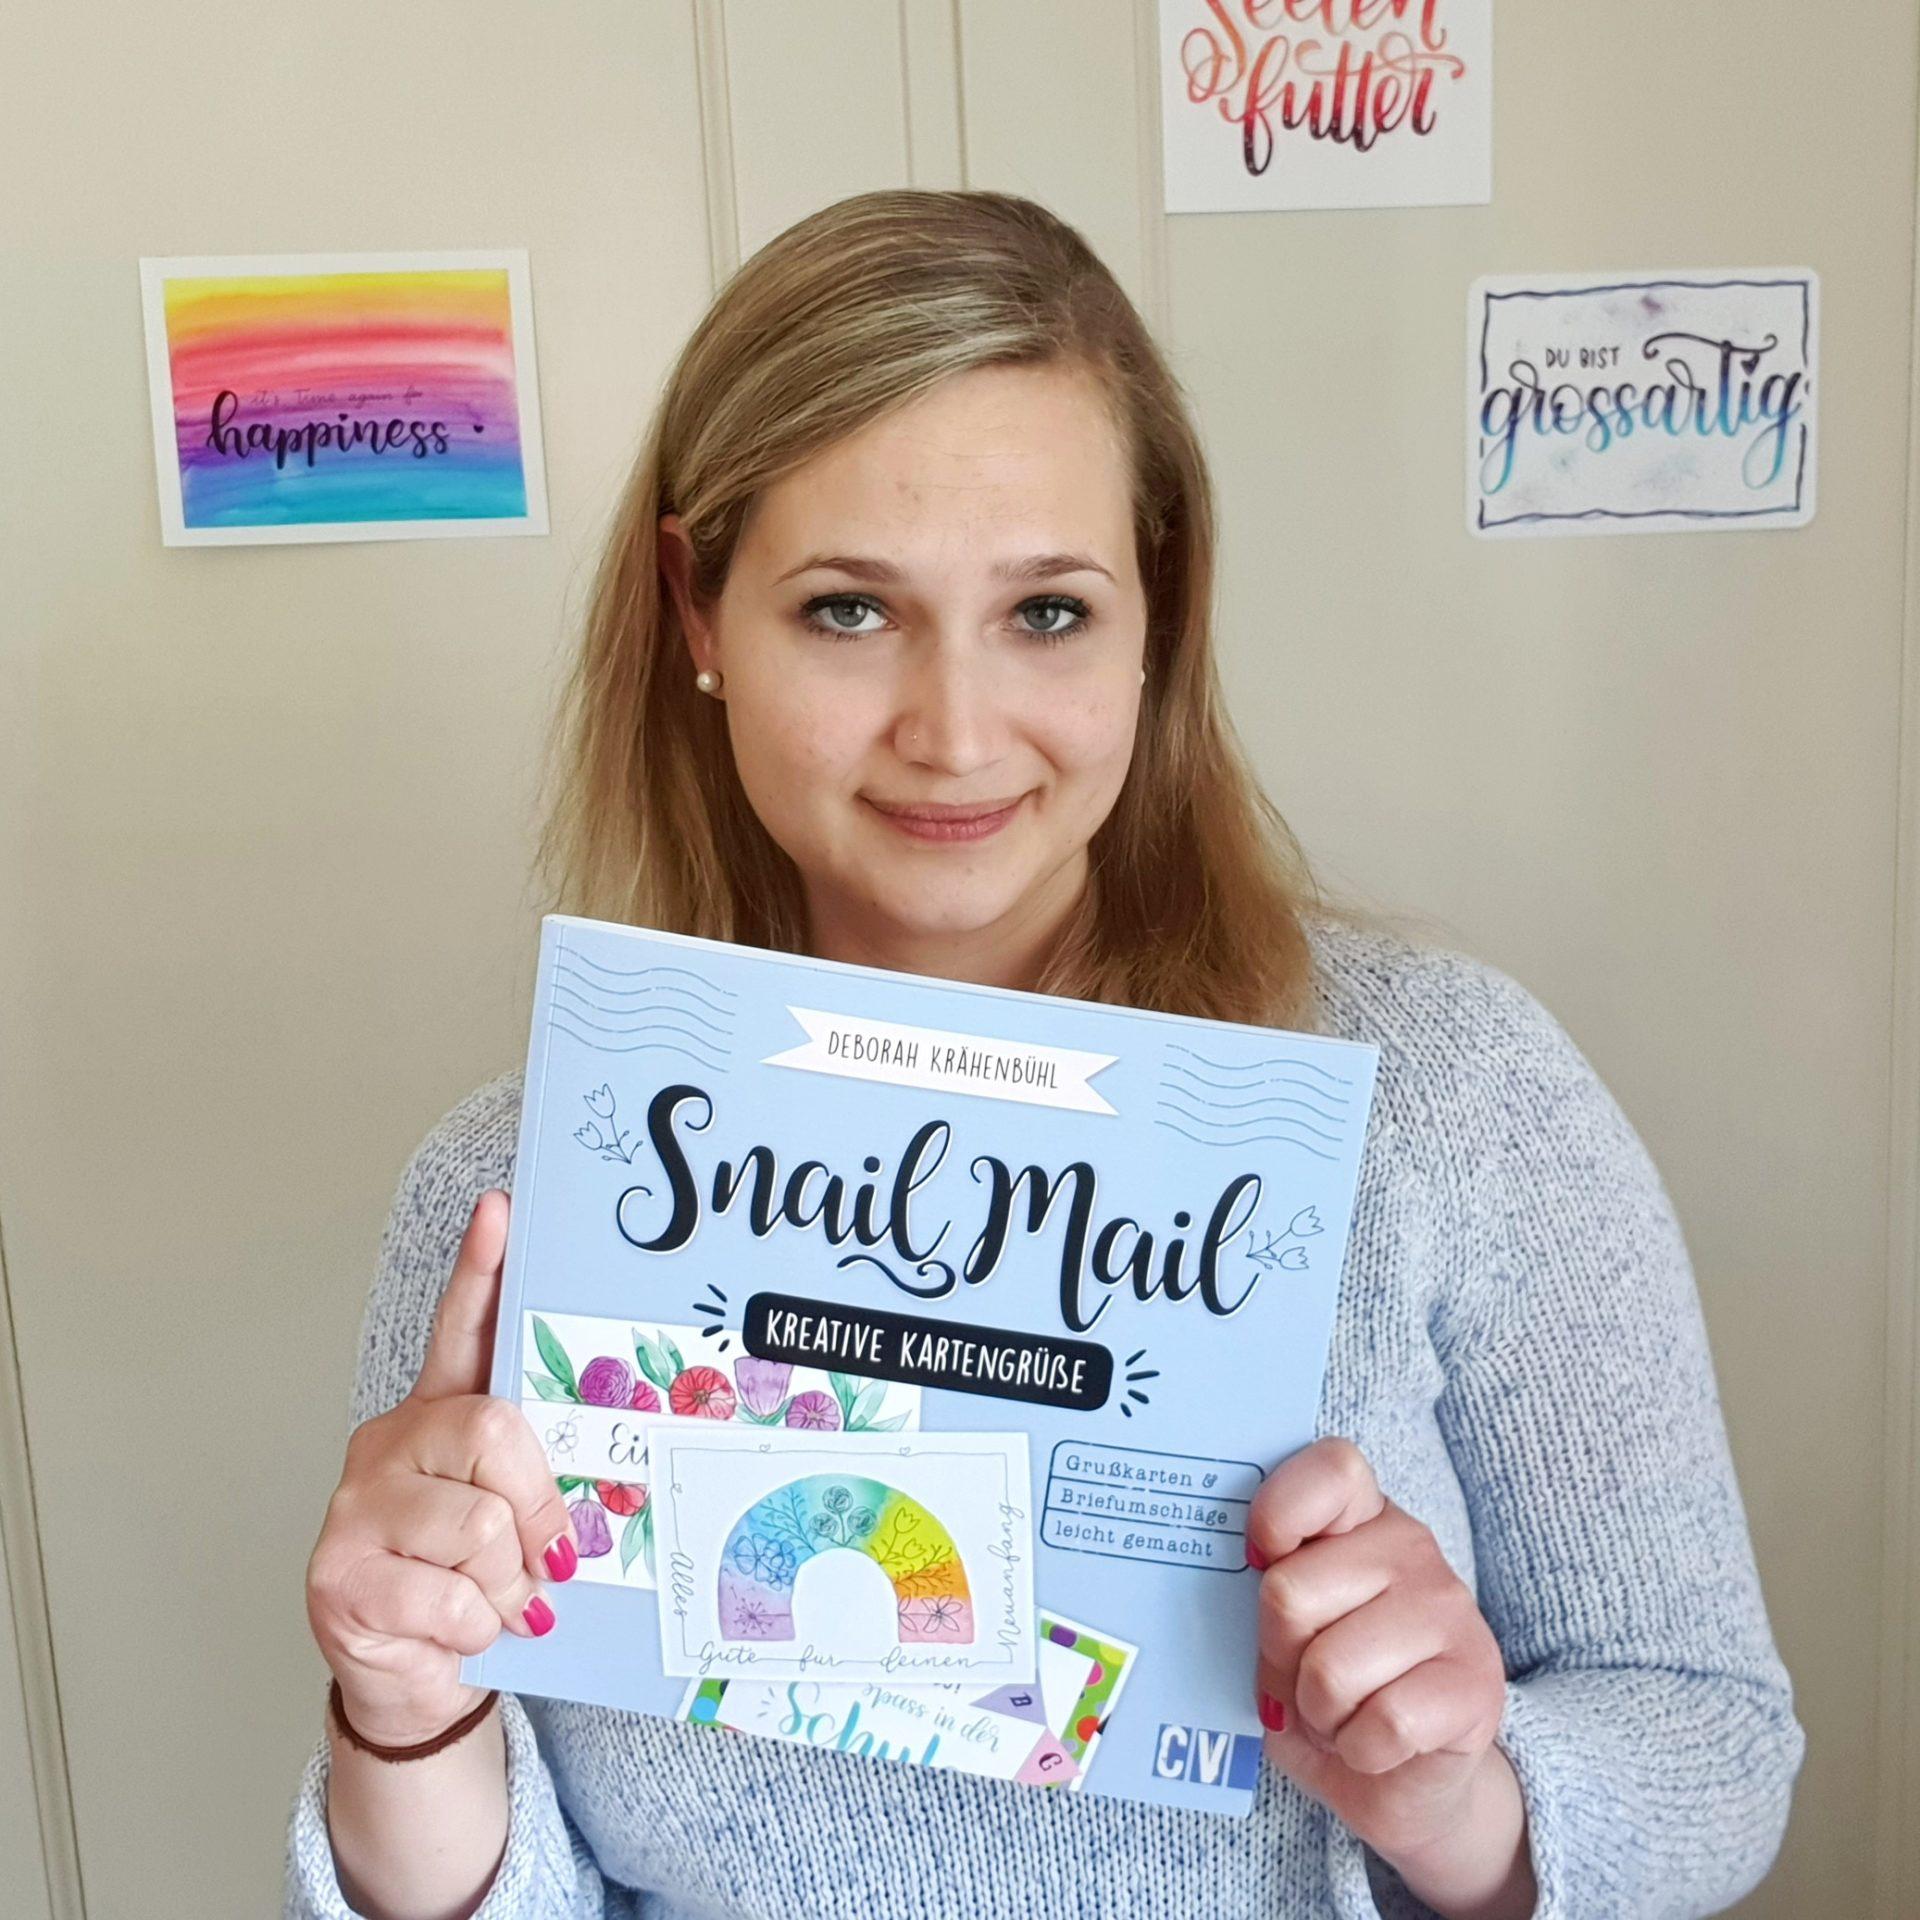 Snail Mail - kreative Kartengrüsse - ein DIY Anleitungsbuch von Deborah Krähenbühl